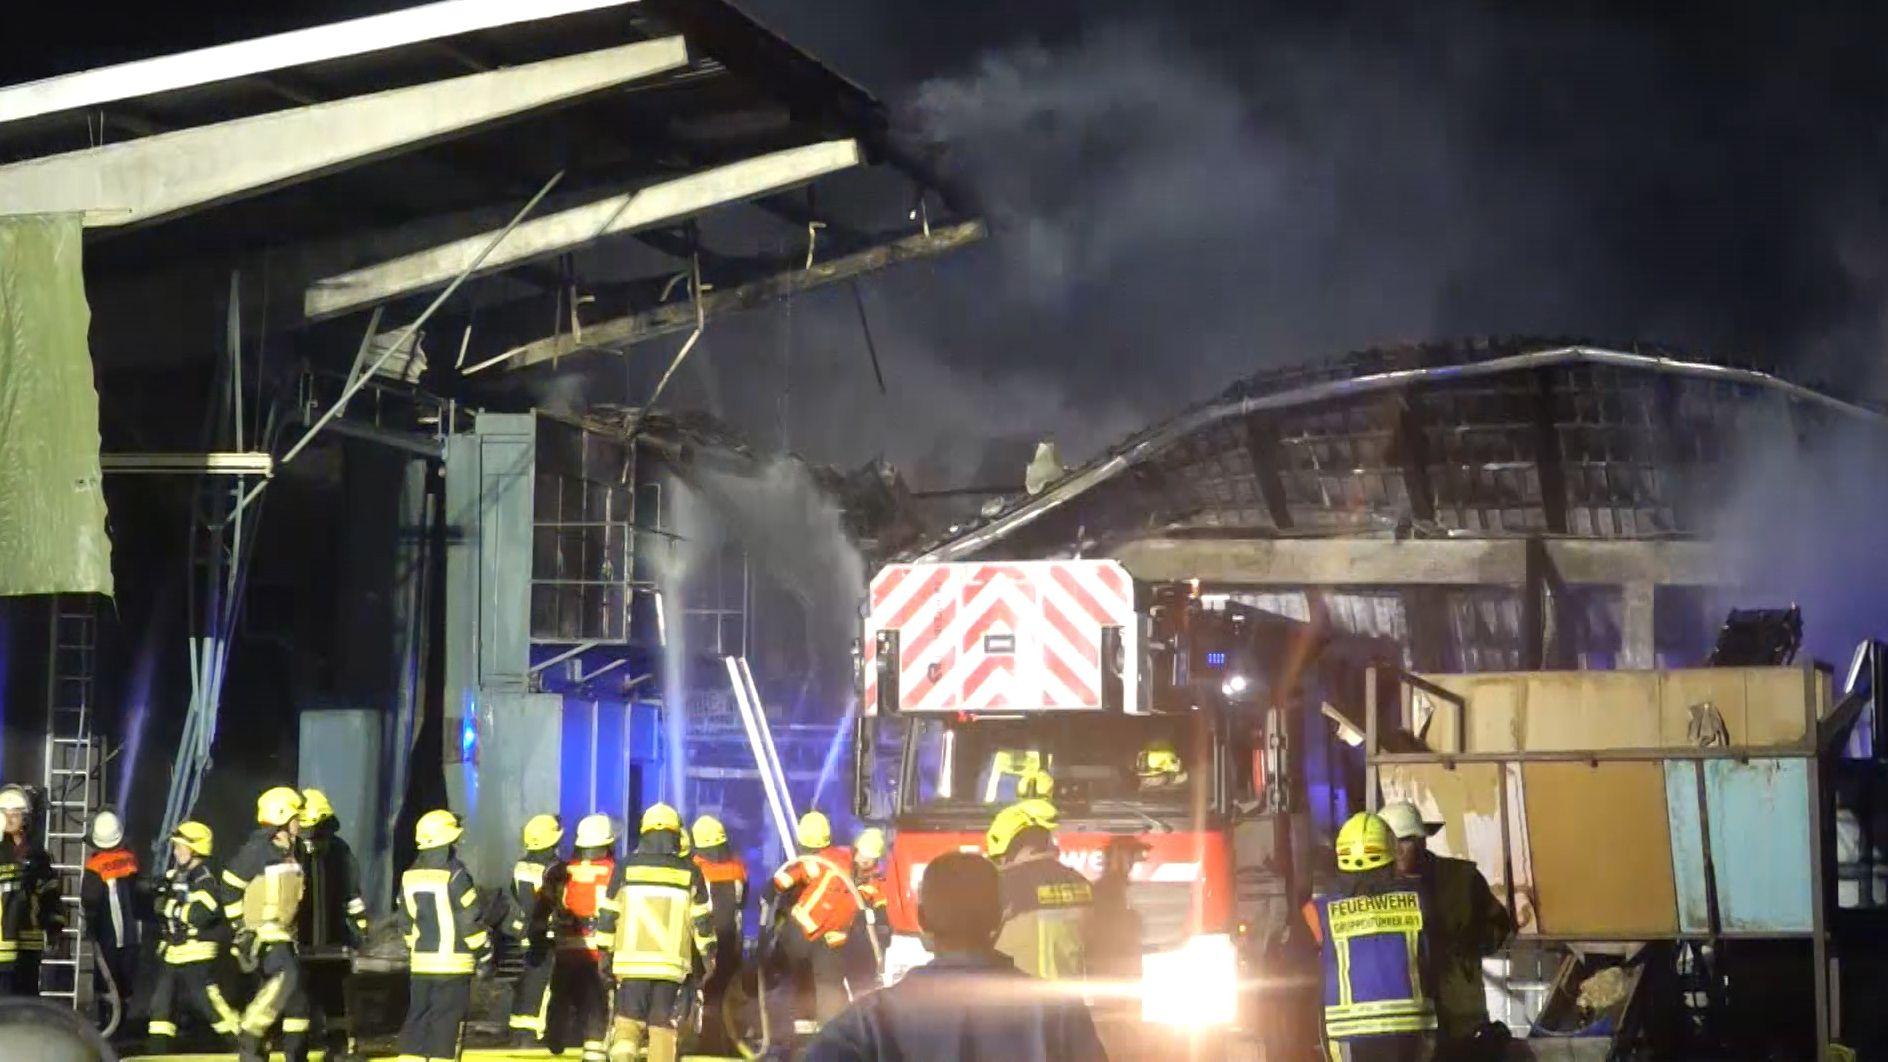 Wohl wegen eines technischen Defekts fing eine Hopfenerntemaschine im Landkreis Kelheim Feuer - die Flammen griffen auf die Halle über.